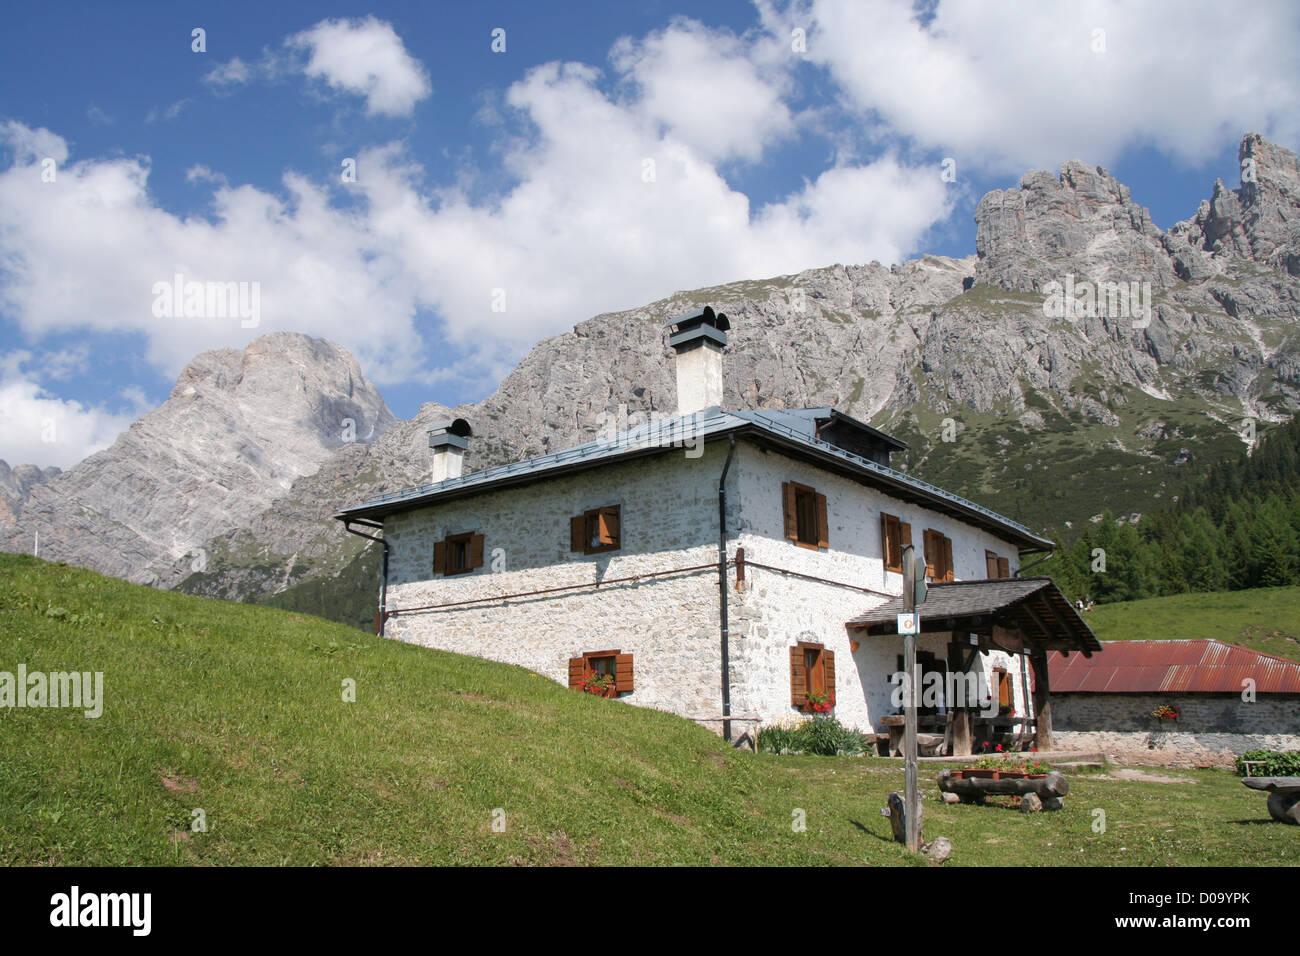 Rifugio Baion Marmarole Italian Dolomites Italy Stock Photo